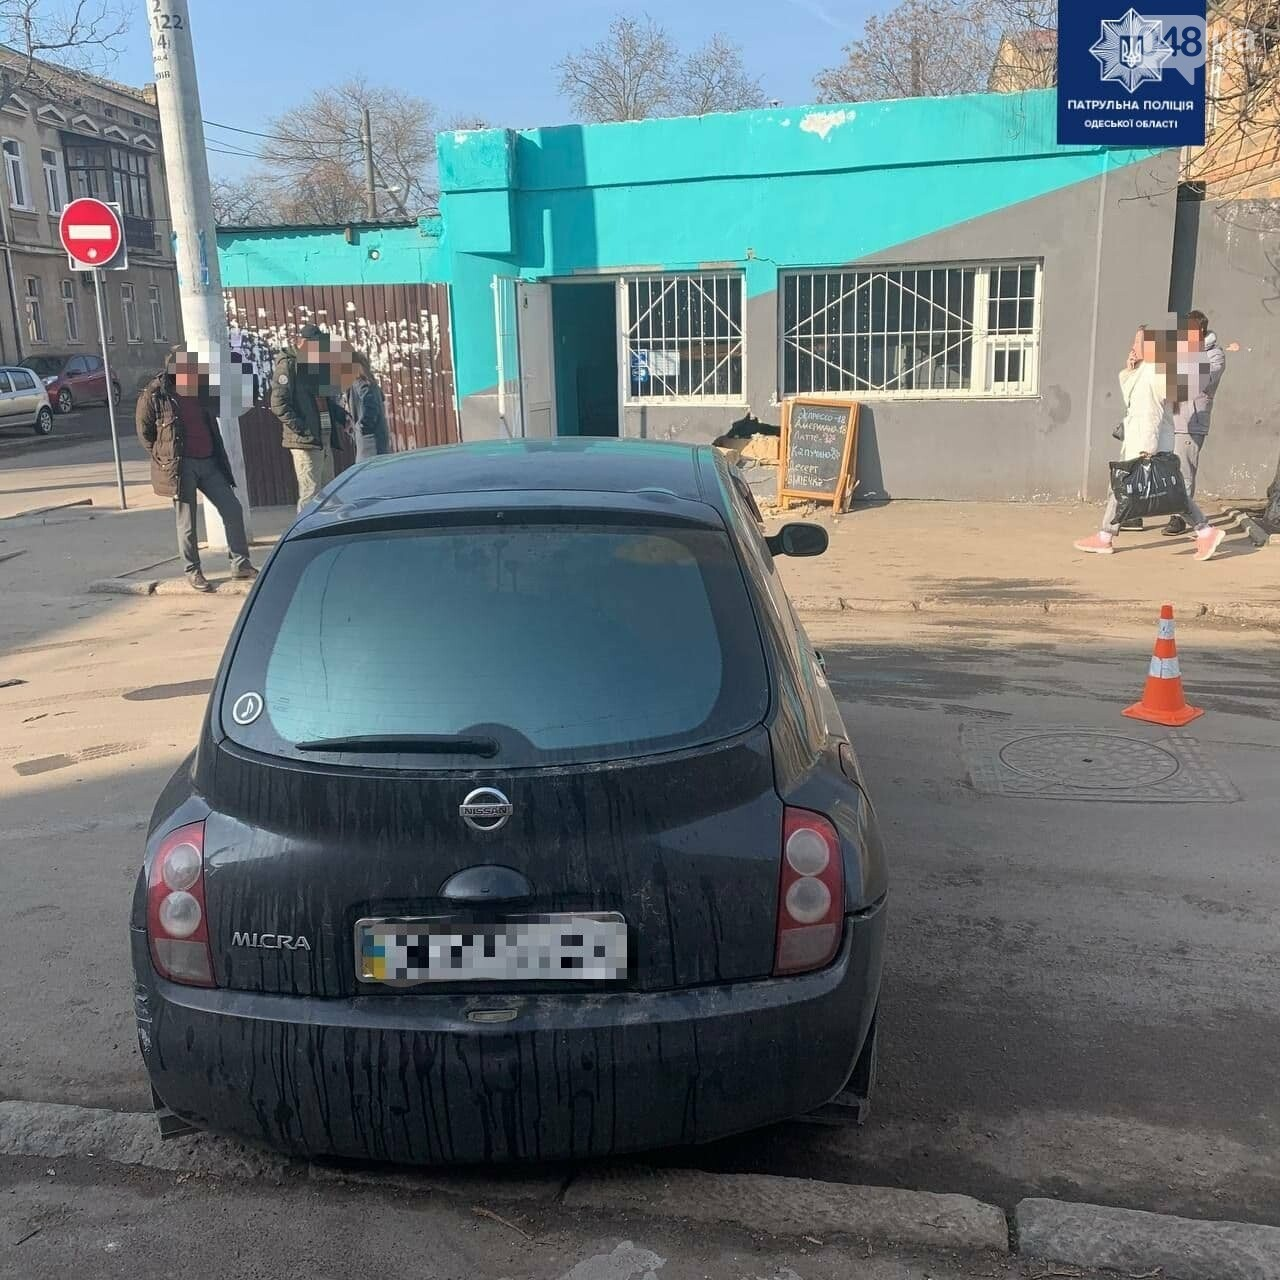 В Одессе в ДТП пострадало двое несовершеннолетних, - ФОТО, фото-2